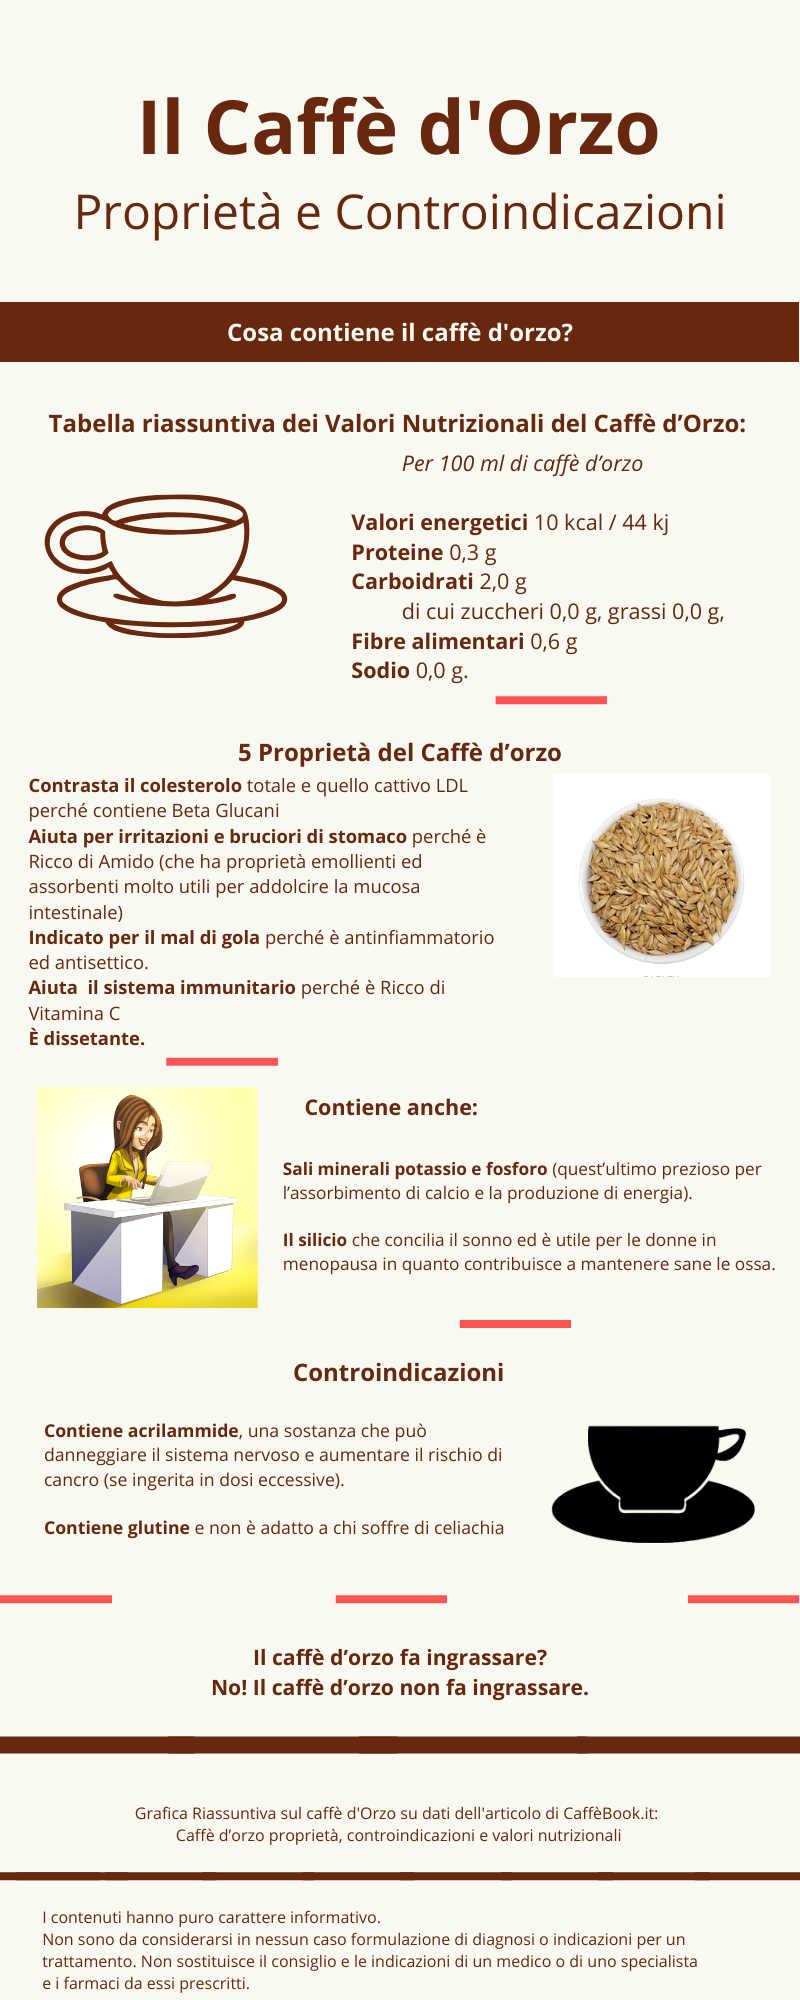 Grafica riassuntiva (infografica) Il Caffè d'orzo